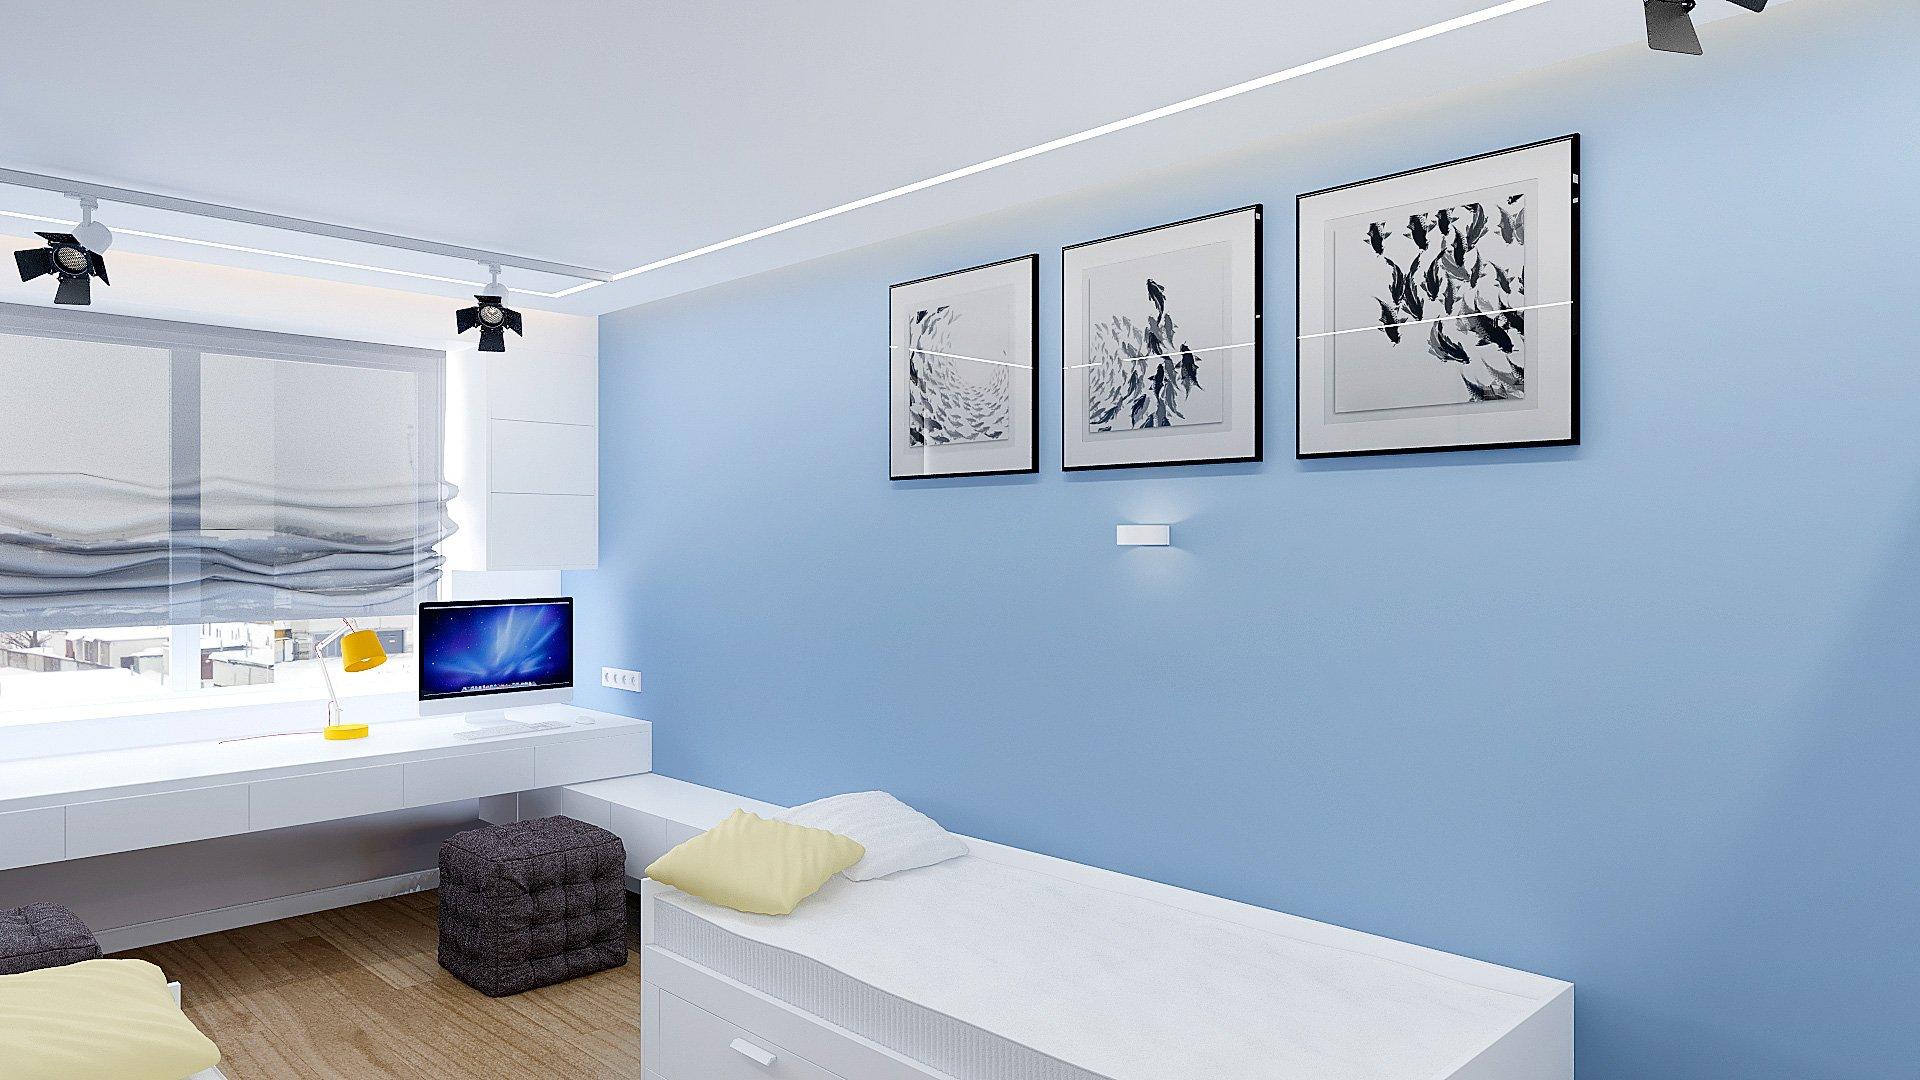 Дизайн интерьера детской комнаты в Гомеле, Изображение № 1, письменный стол у окна, кровати ИКЕА в интерьере детской, детская для двоих подростков